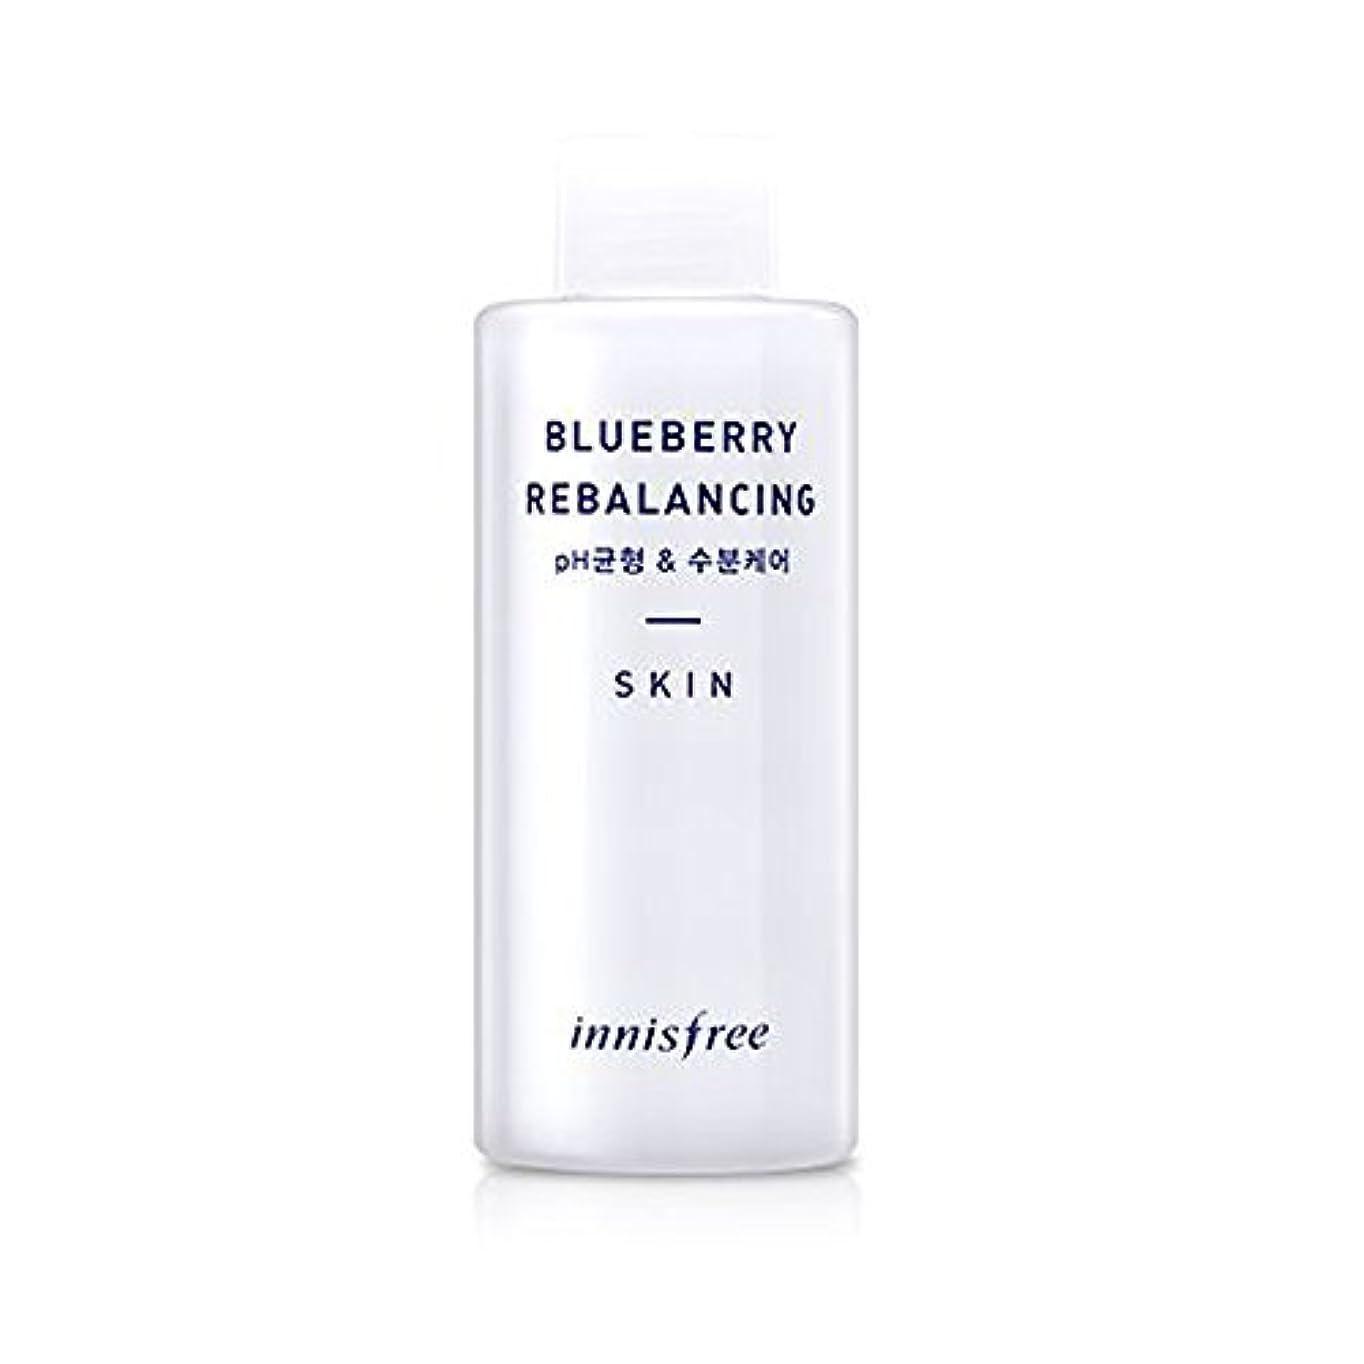 悔い改める状態に変わる[イニスプリー]Innisfree ブルーベリーリバランシングスキン(150ml)  Innisfree Blueberry Rebalancing Skin (150ml) [海外直送品]